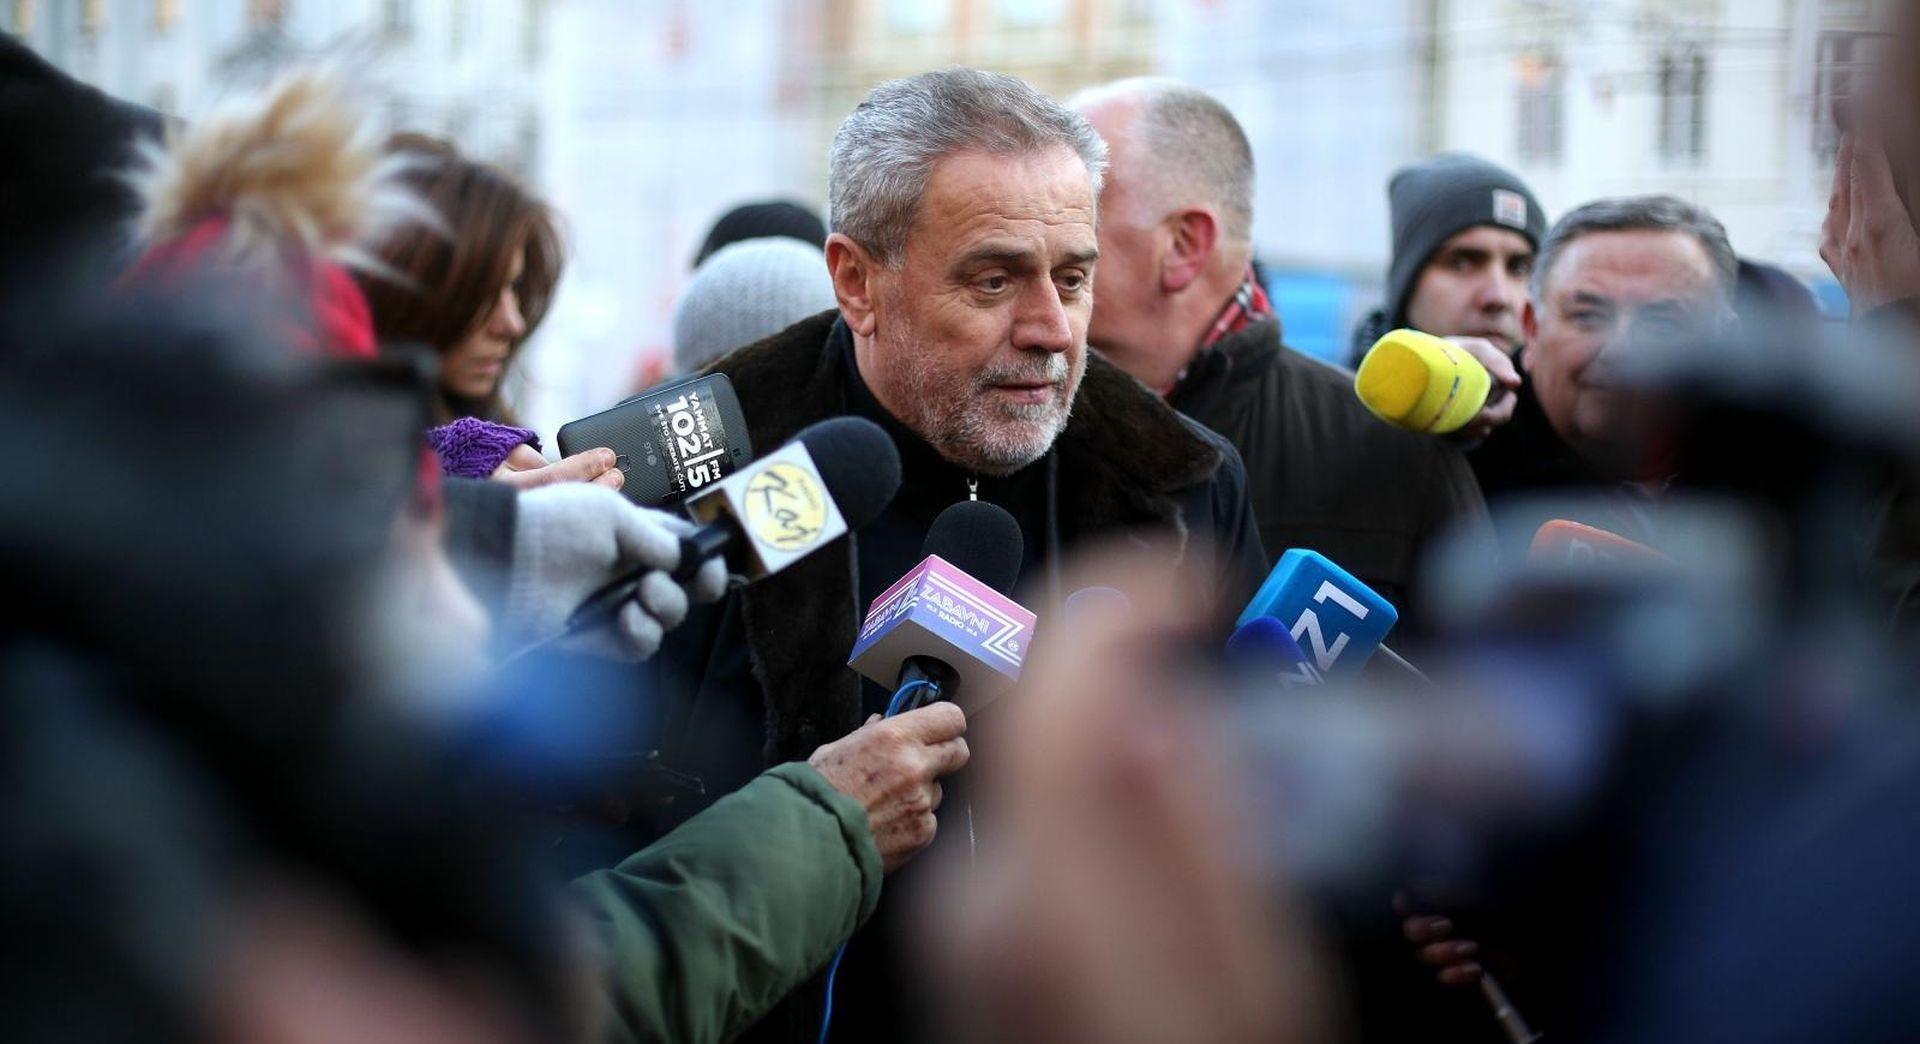 Državni revizori otkrili velike nepravilnosti u računima Grada Zagreba